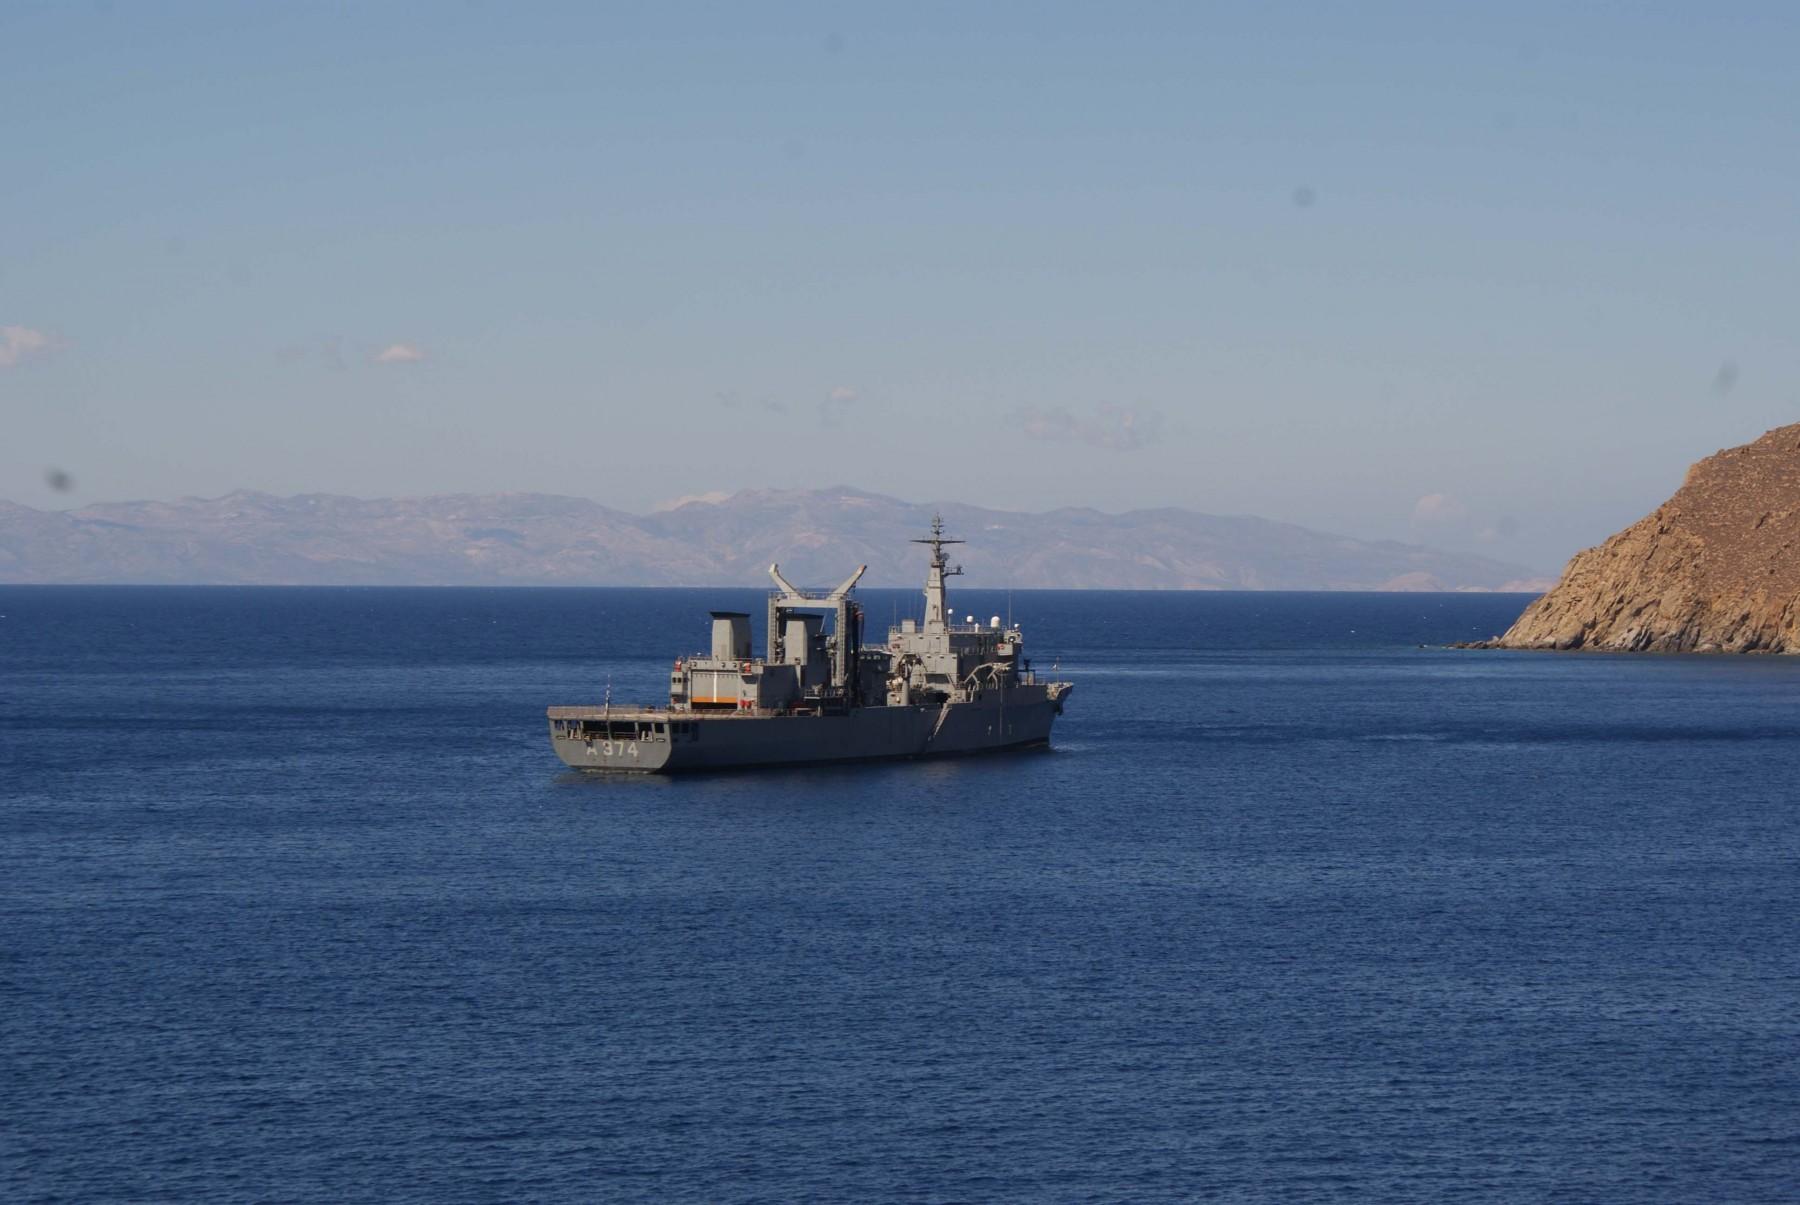 Το Γενικό Επιτελείο Ναυτικού ανακοίνωσε Πρόγραμμα Προληπτικής Ιατρικής των κατοίκων νησιών του Αιγαίου